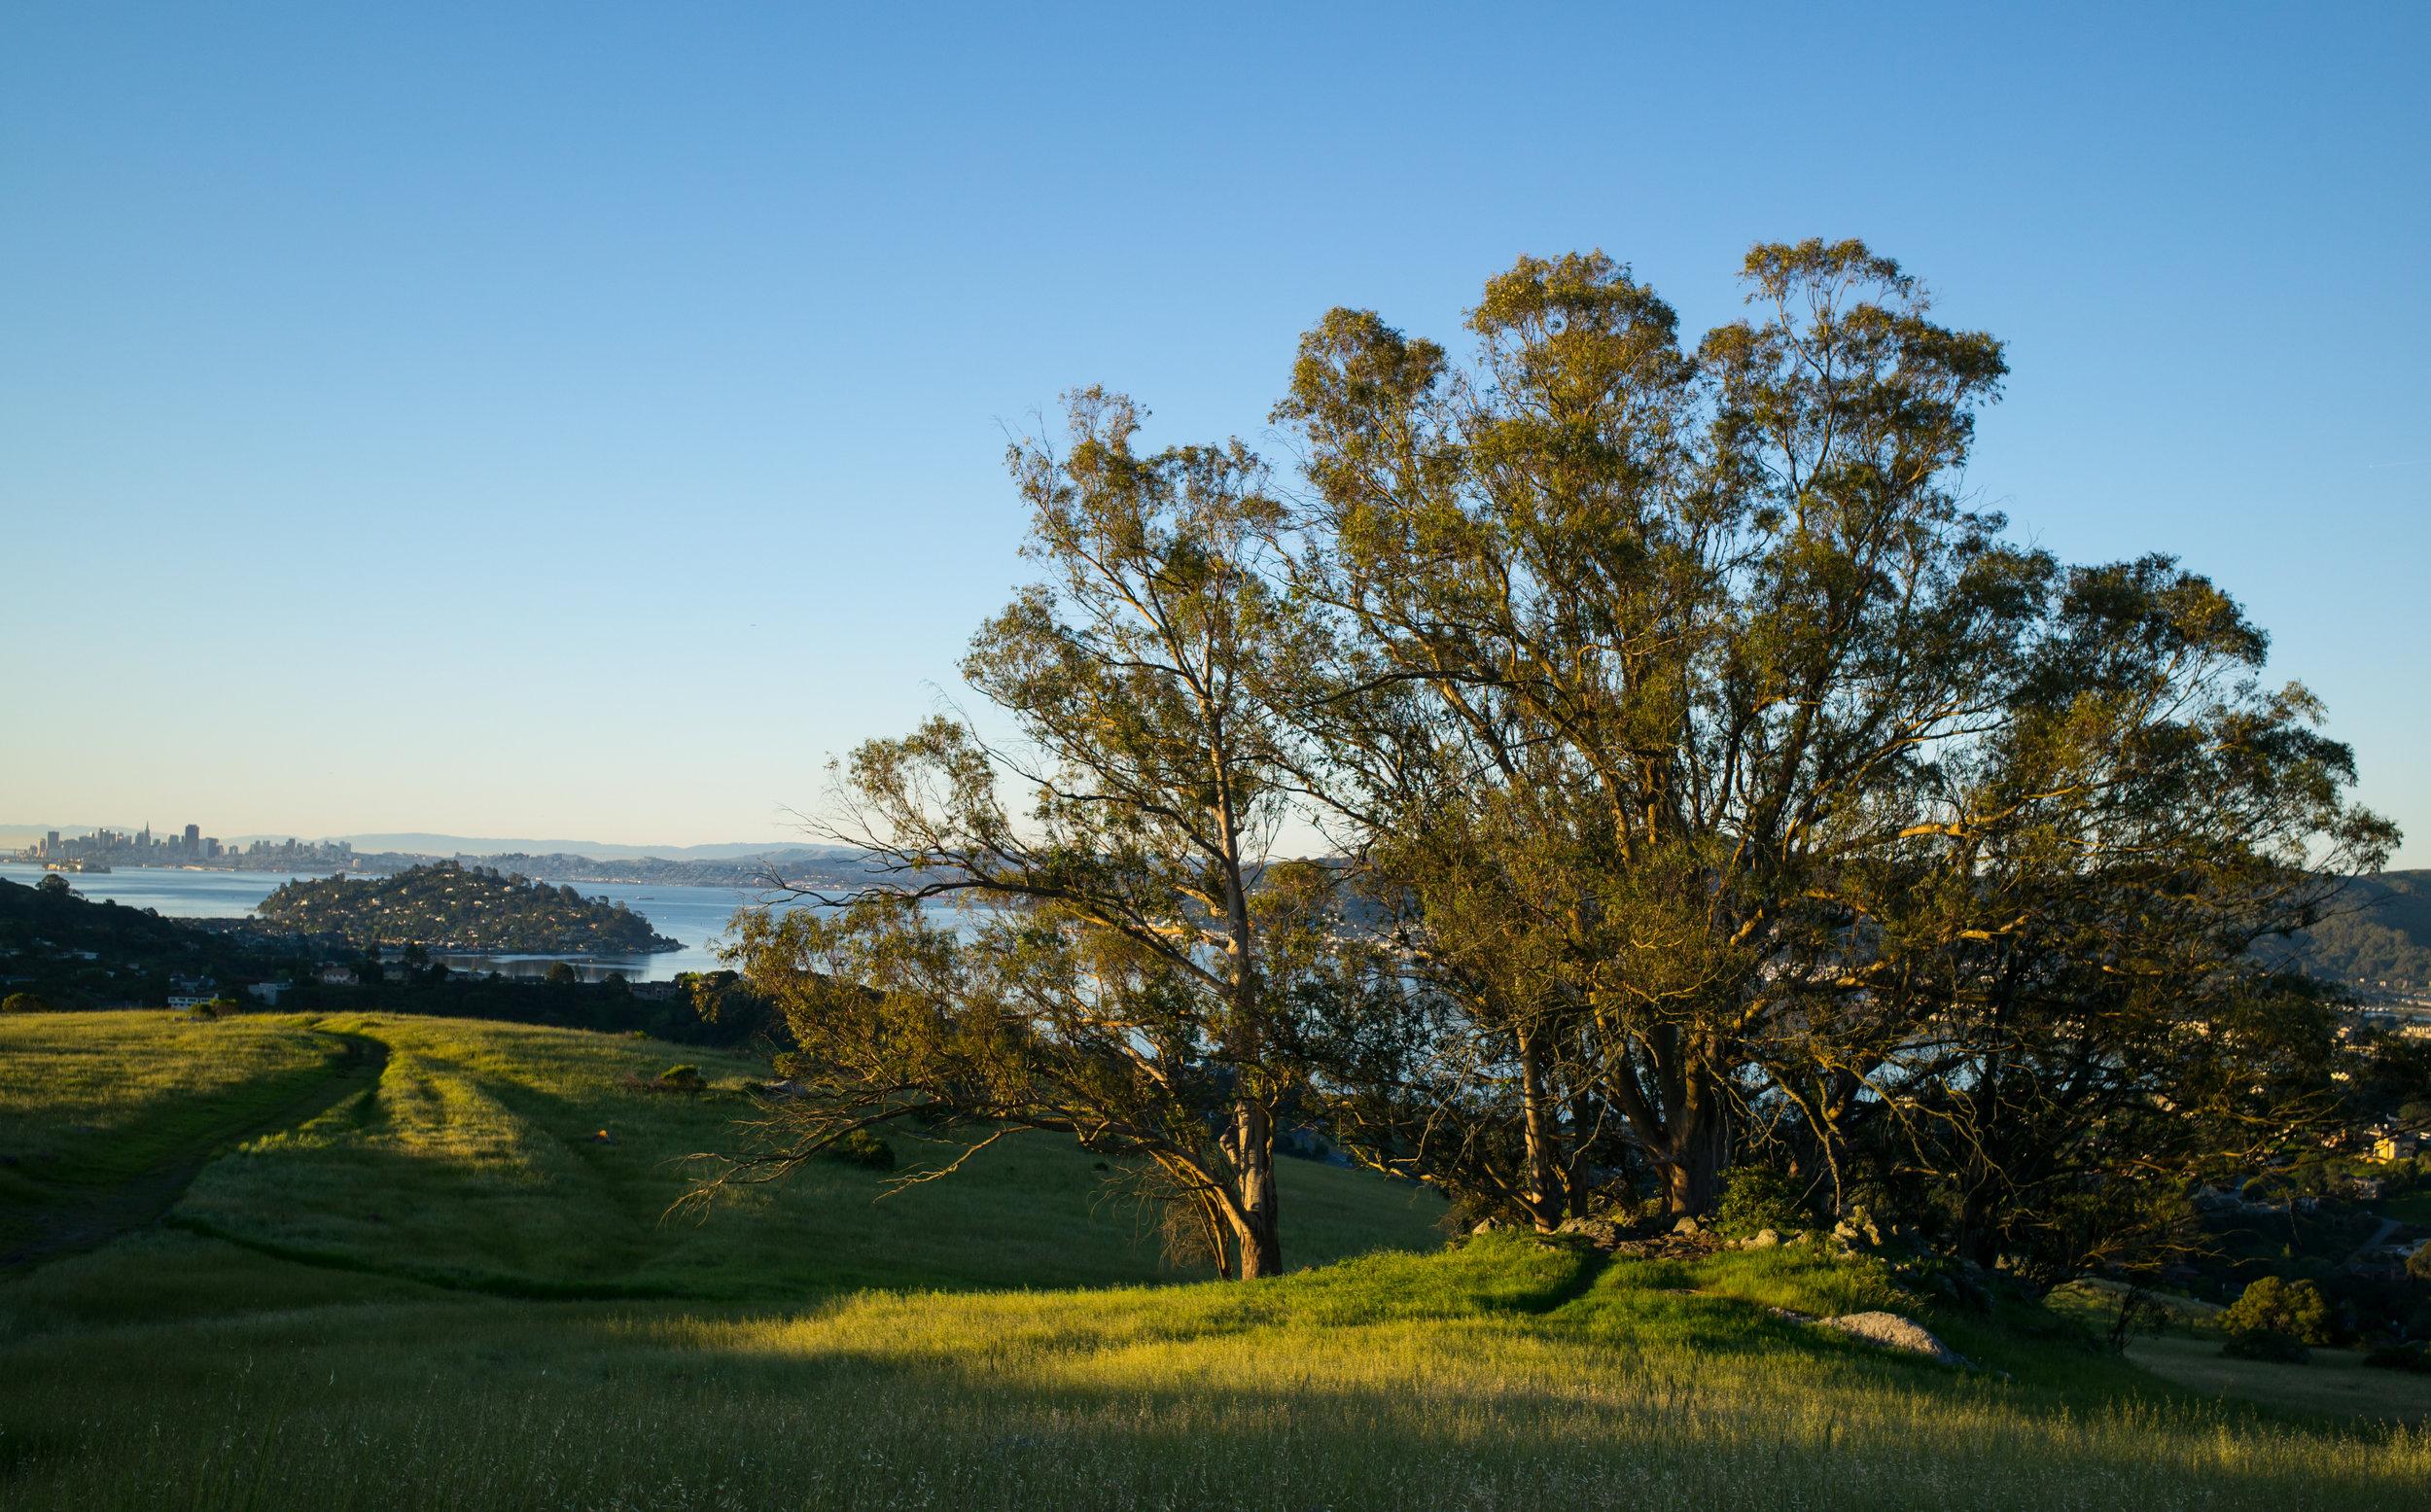 SunriseRingMountain-Tree.jpeg